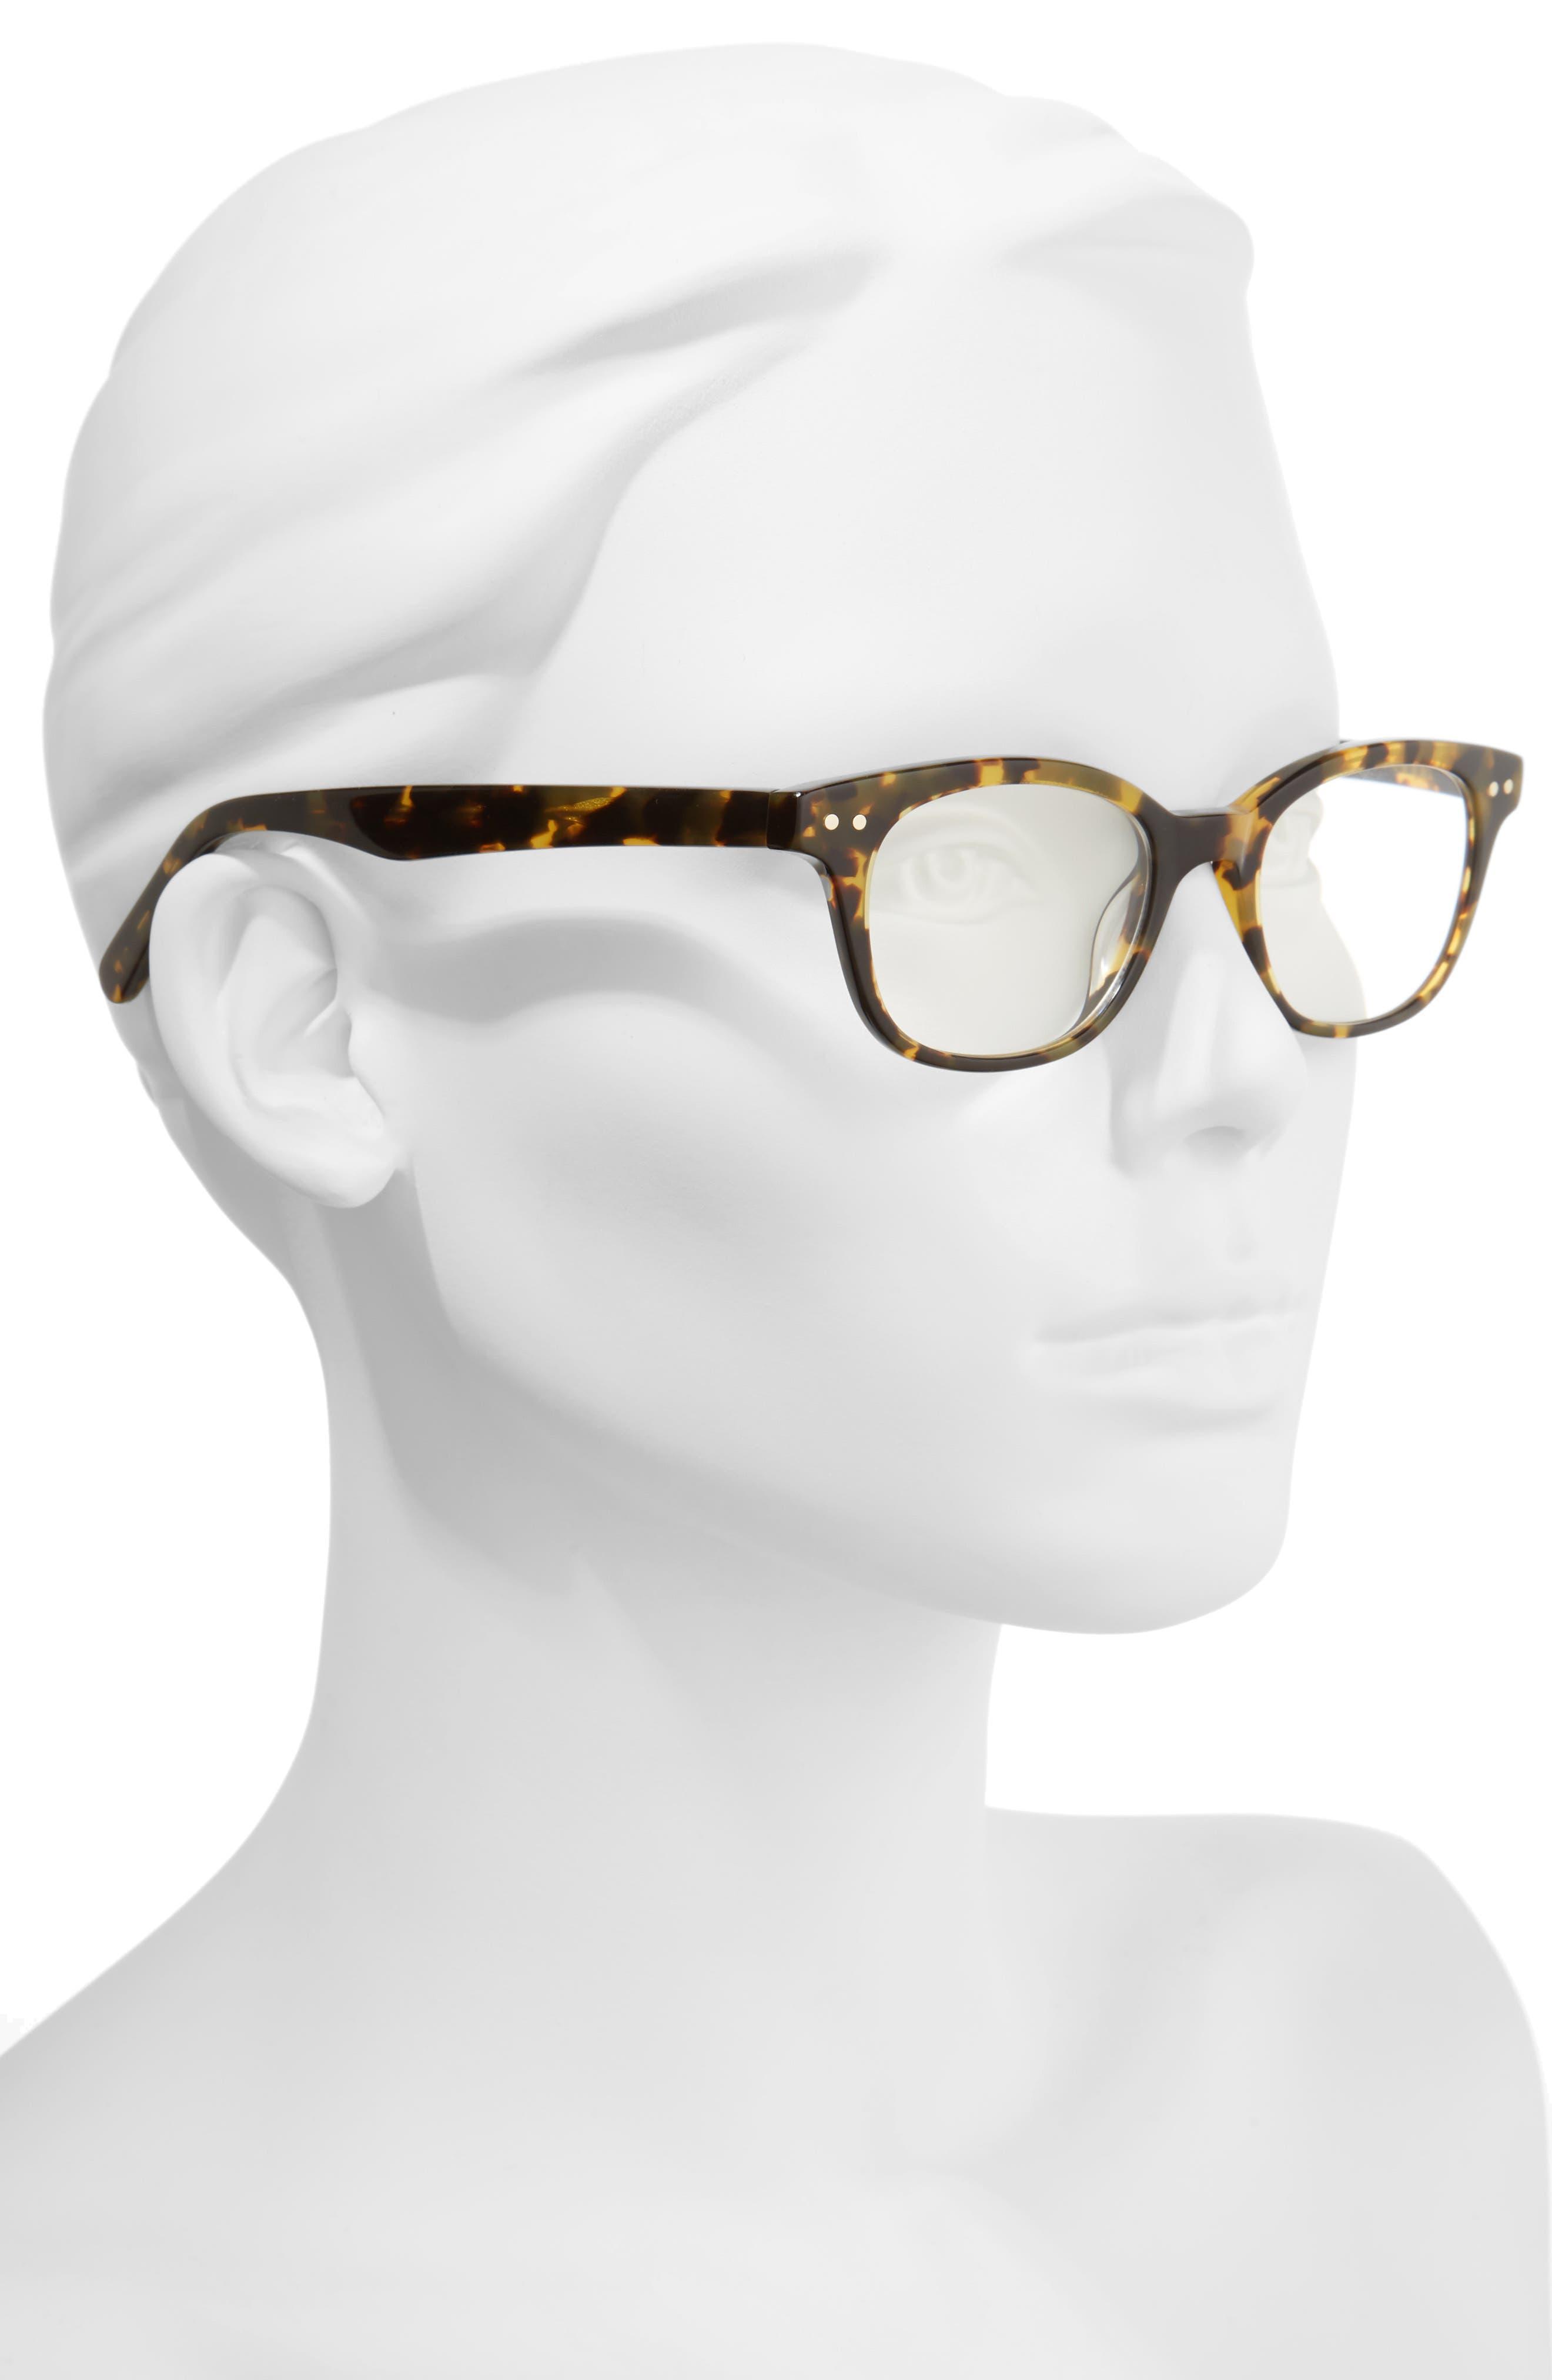 KATE SPADE NEW YORK,                             rebecca 49mm reading glasses,                             Alternate thumbnail 2, color,                             TOKYO TORTOISE